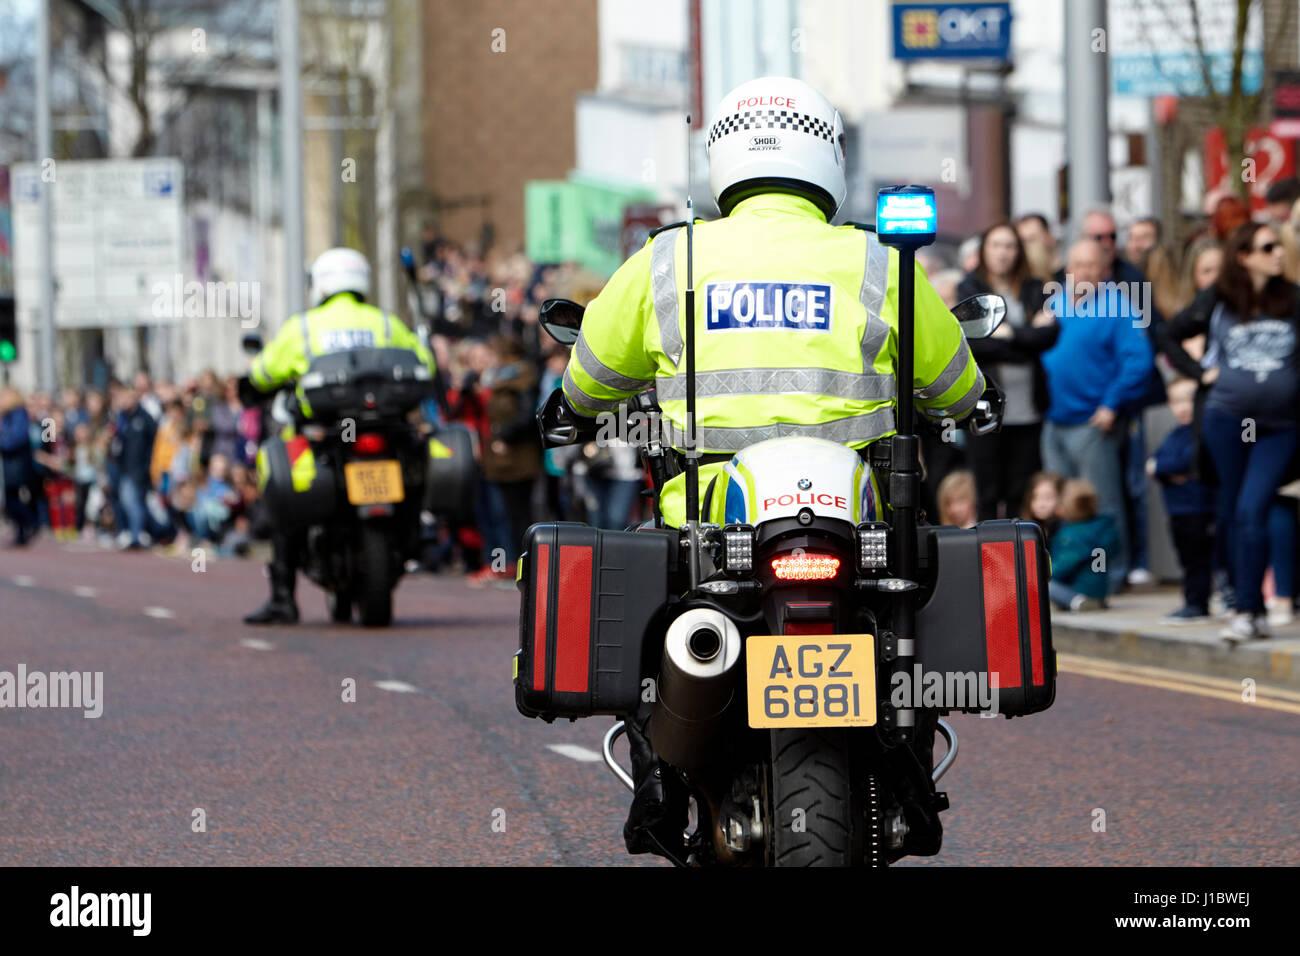 Psni funzionario di polizia polizia stradale su bmw moto durante la sfilata di un corteo in Irlanda del Nord Immagini Stock